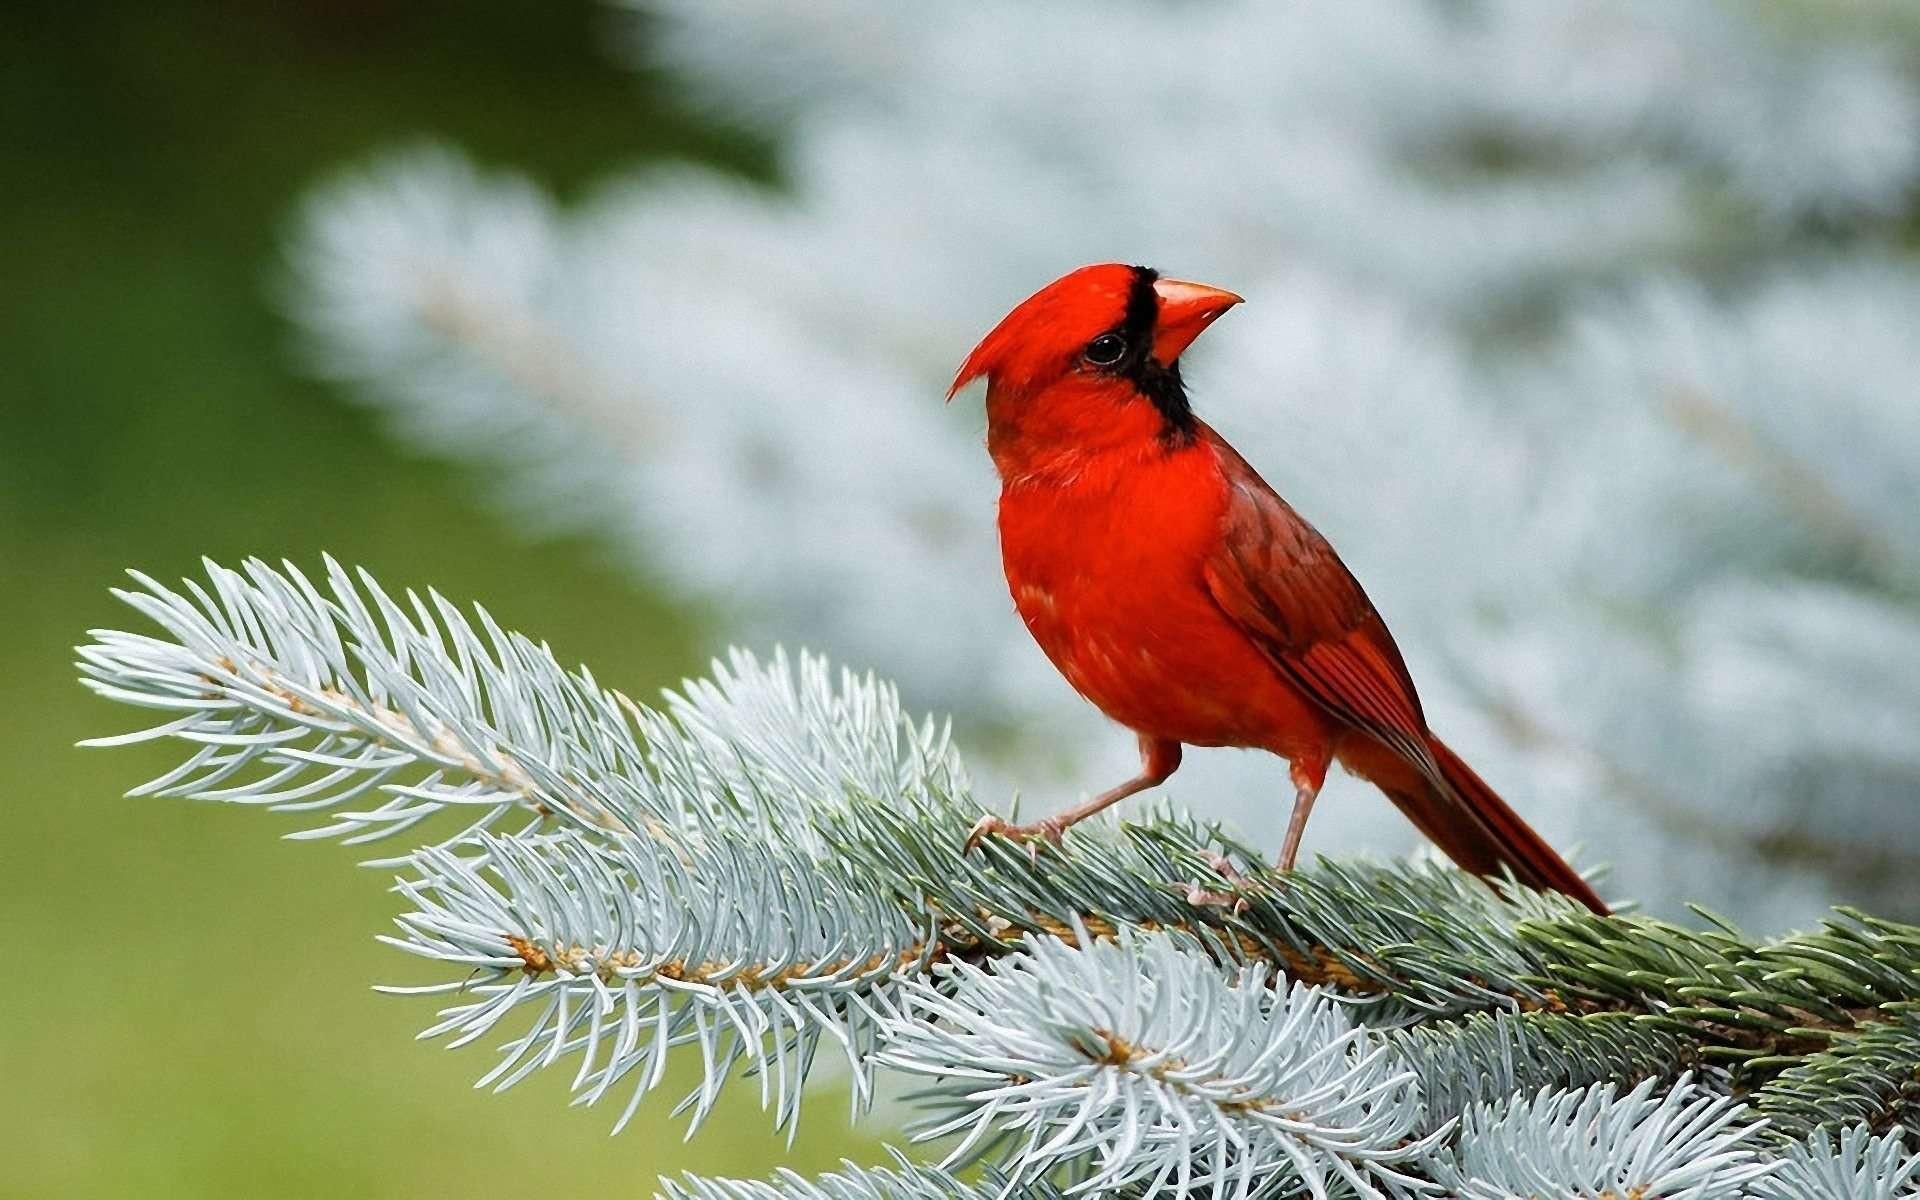 Cardinal Bird Wallpaper | HD Wallpapers Source